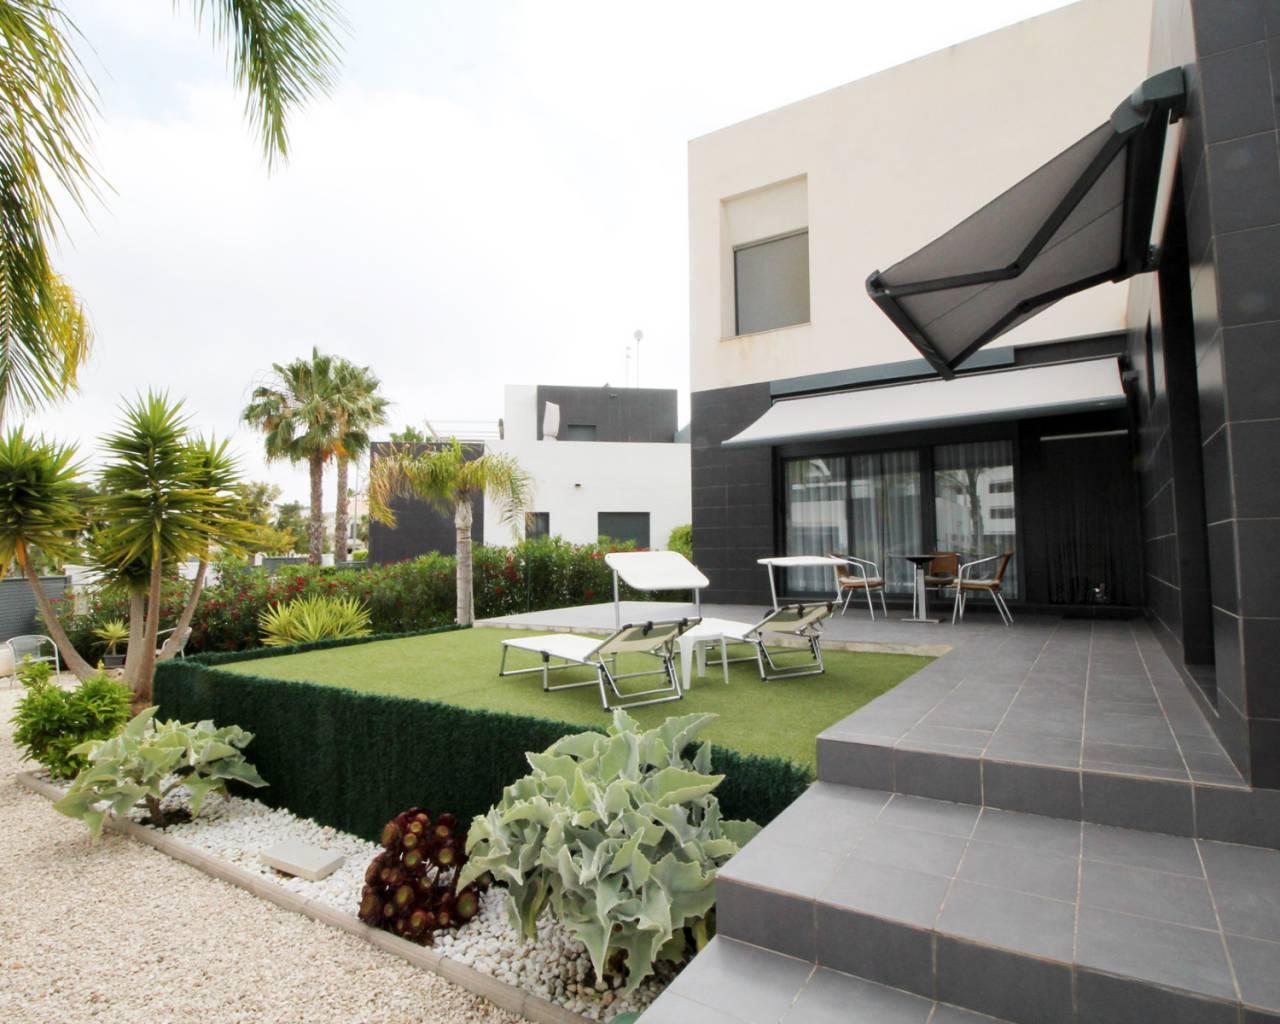 herverkoop-half-vrijstaande-villa-orihuela-costa-villamartin-golf_2033_xl